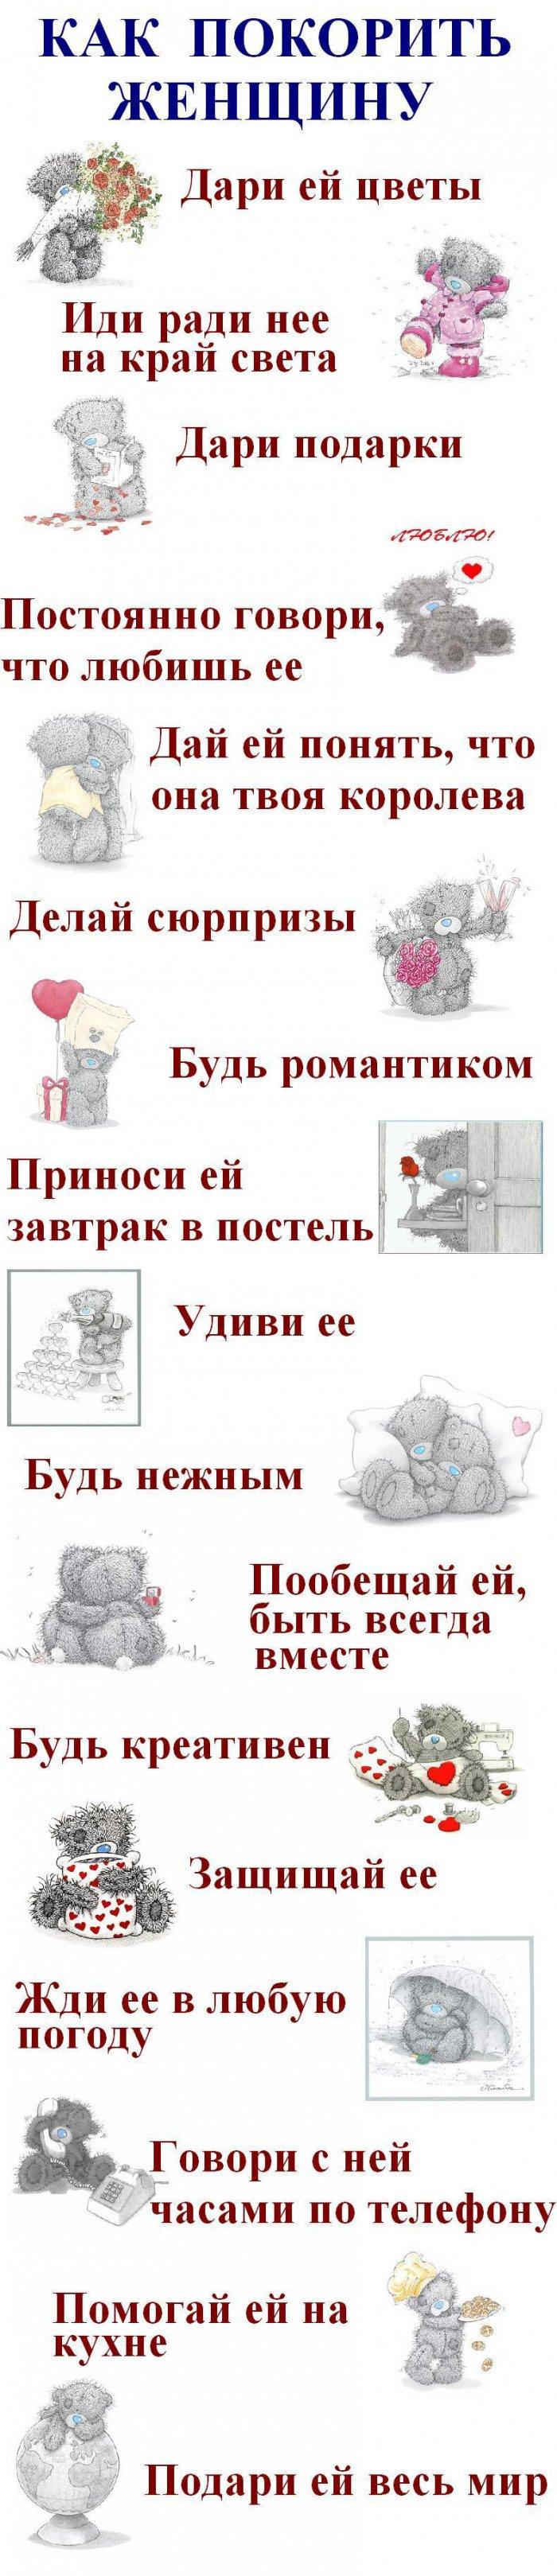 Как покорить женщину и мужчину (3 фото)